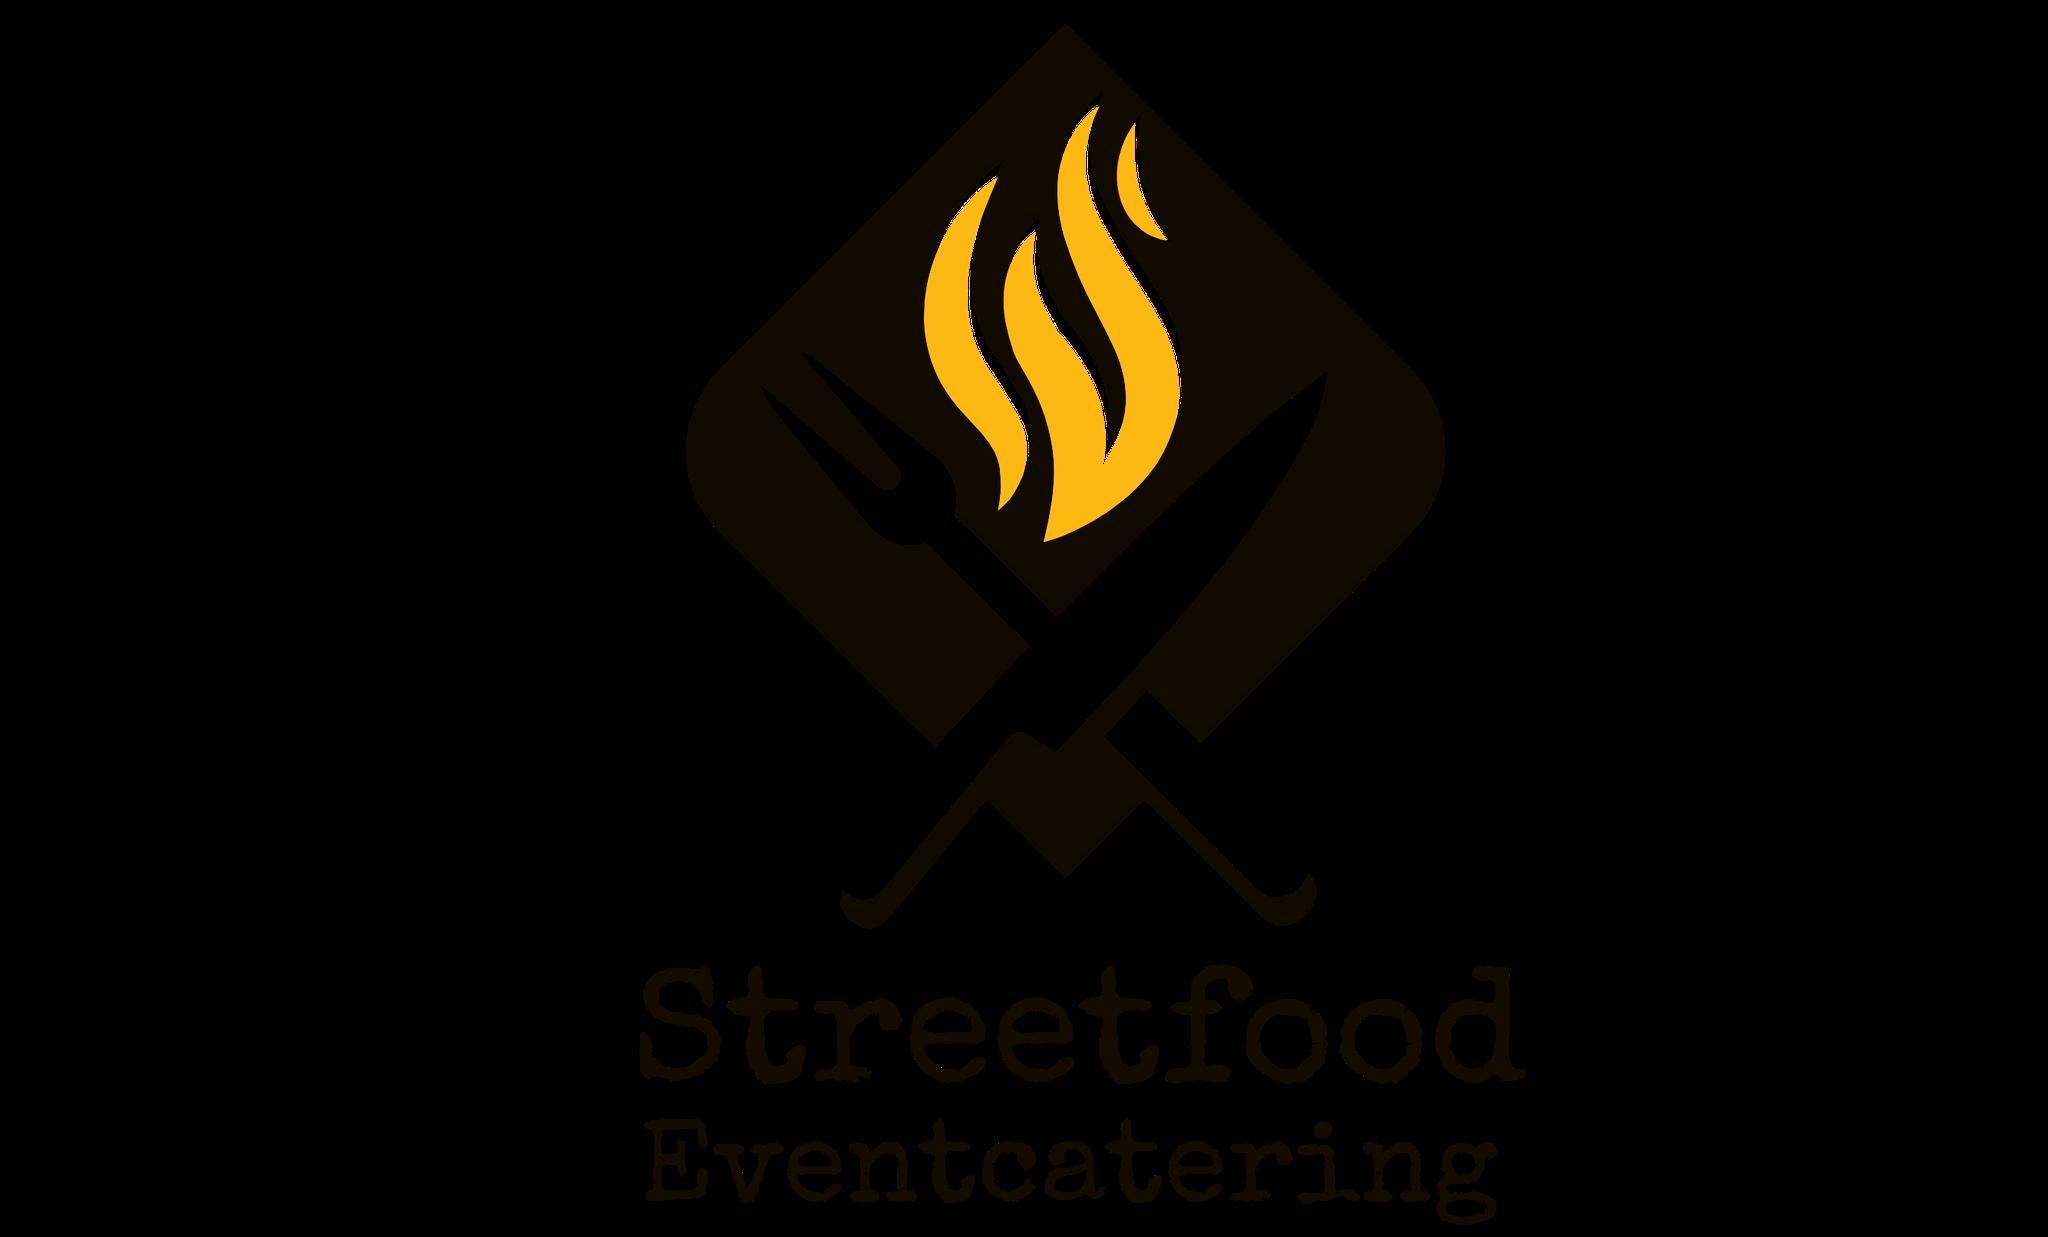 Streetfood Eventcatering - mehr als frisches und modernes Catering für ihr Sommerfest.